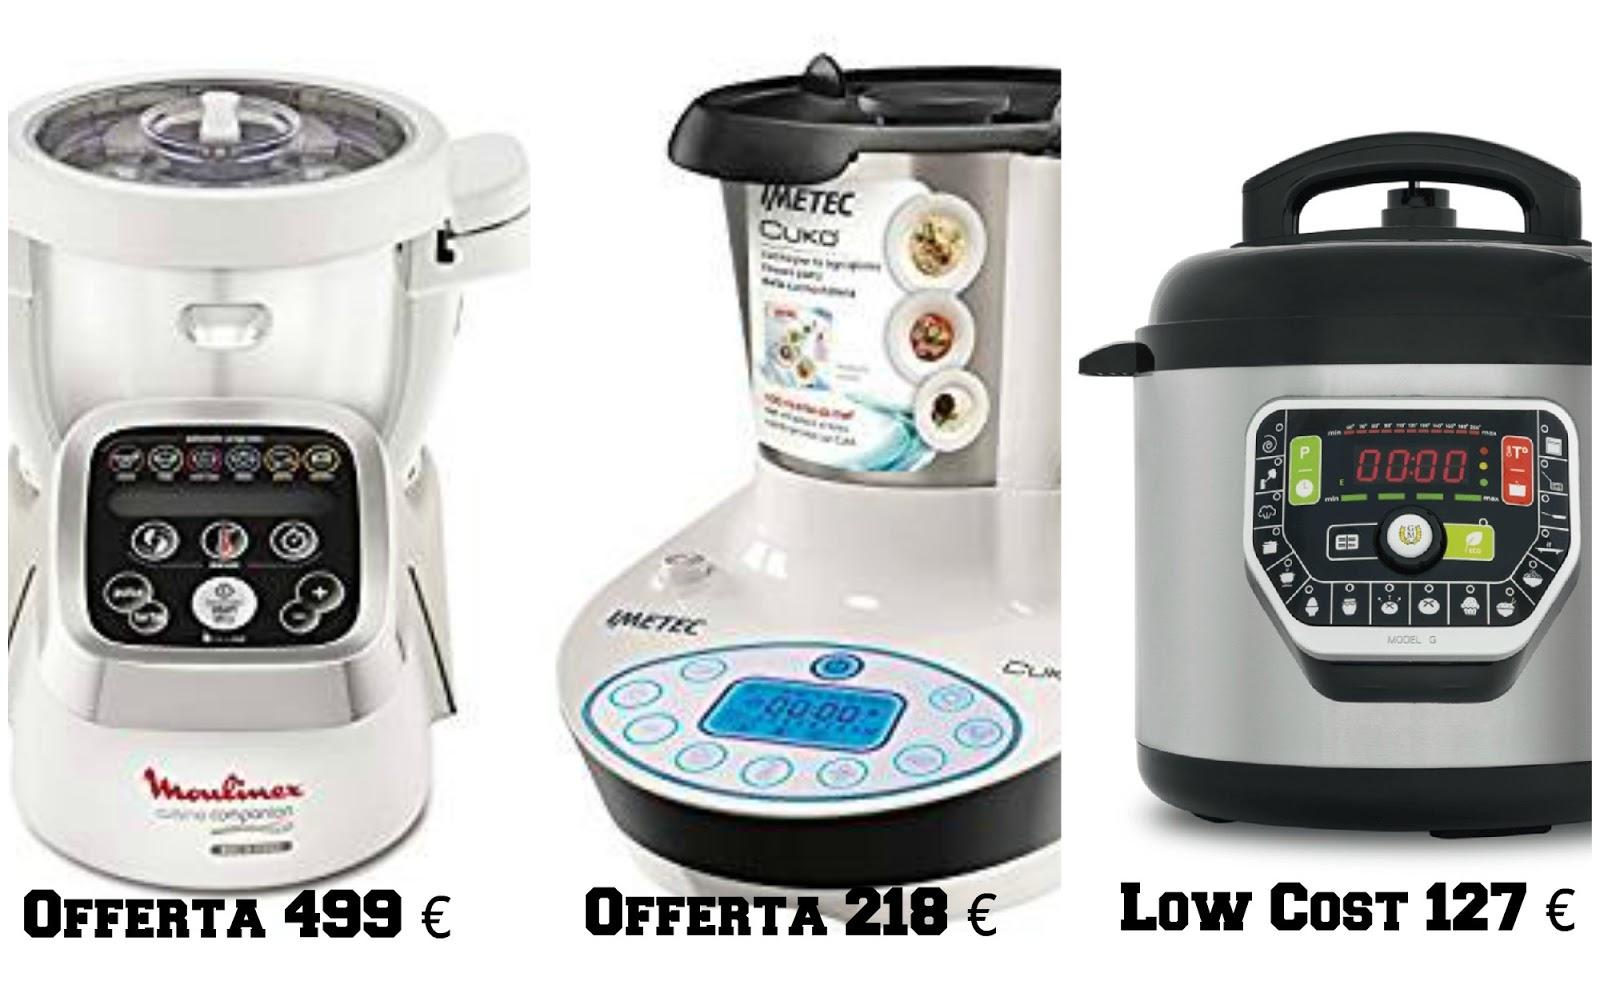 I 3 migliori robot da cucina in offerta e low cost su Amazon ...